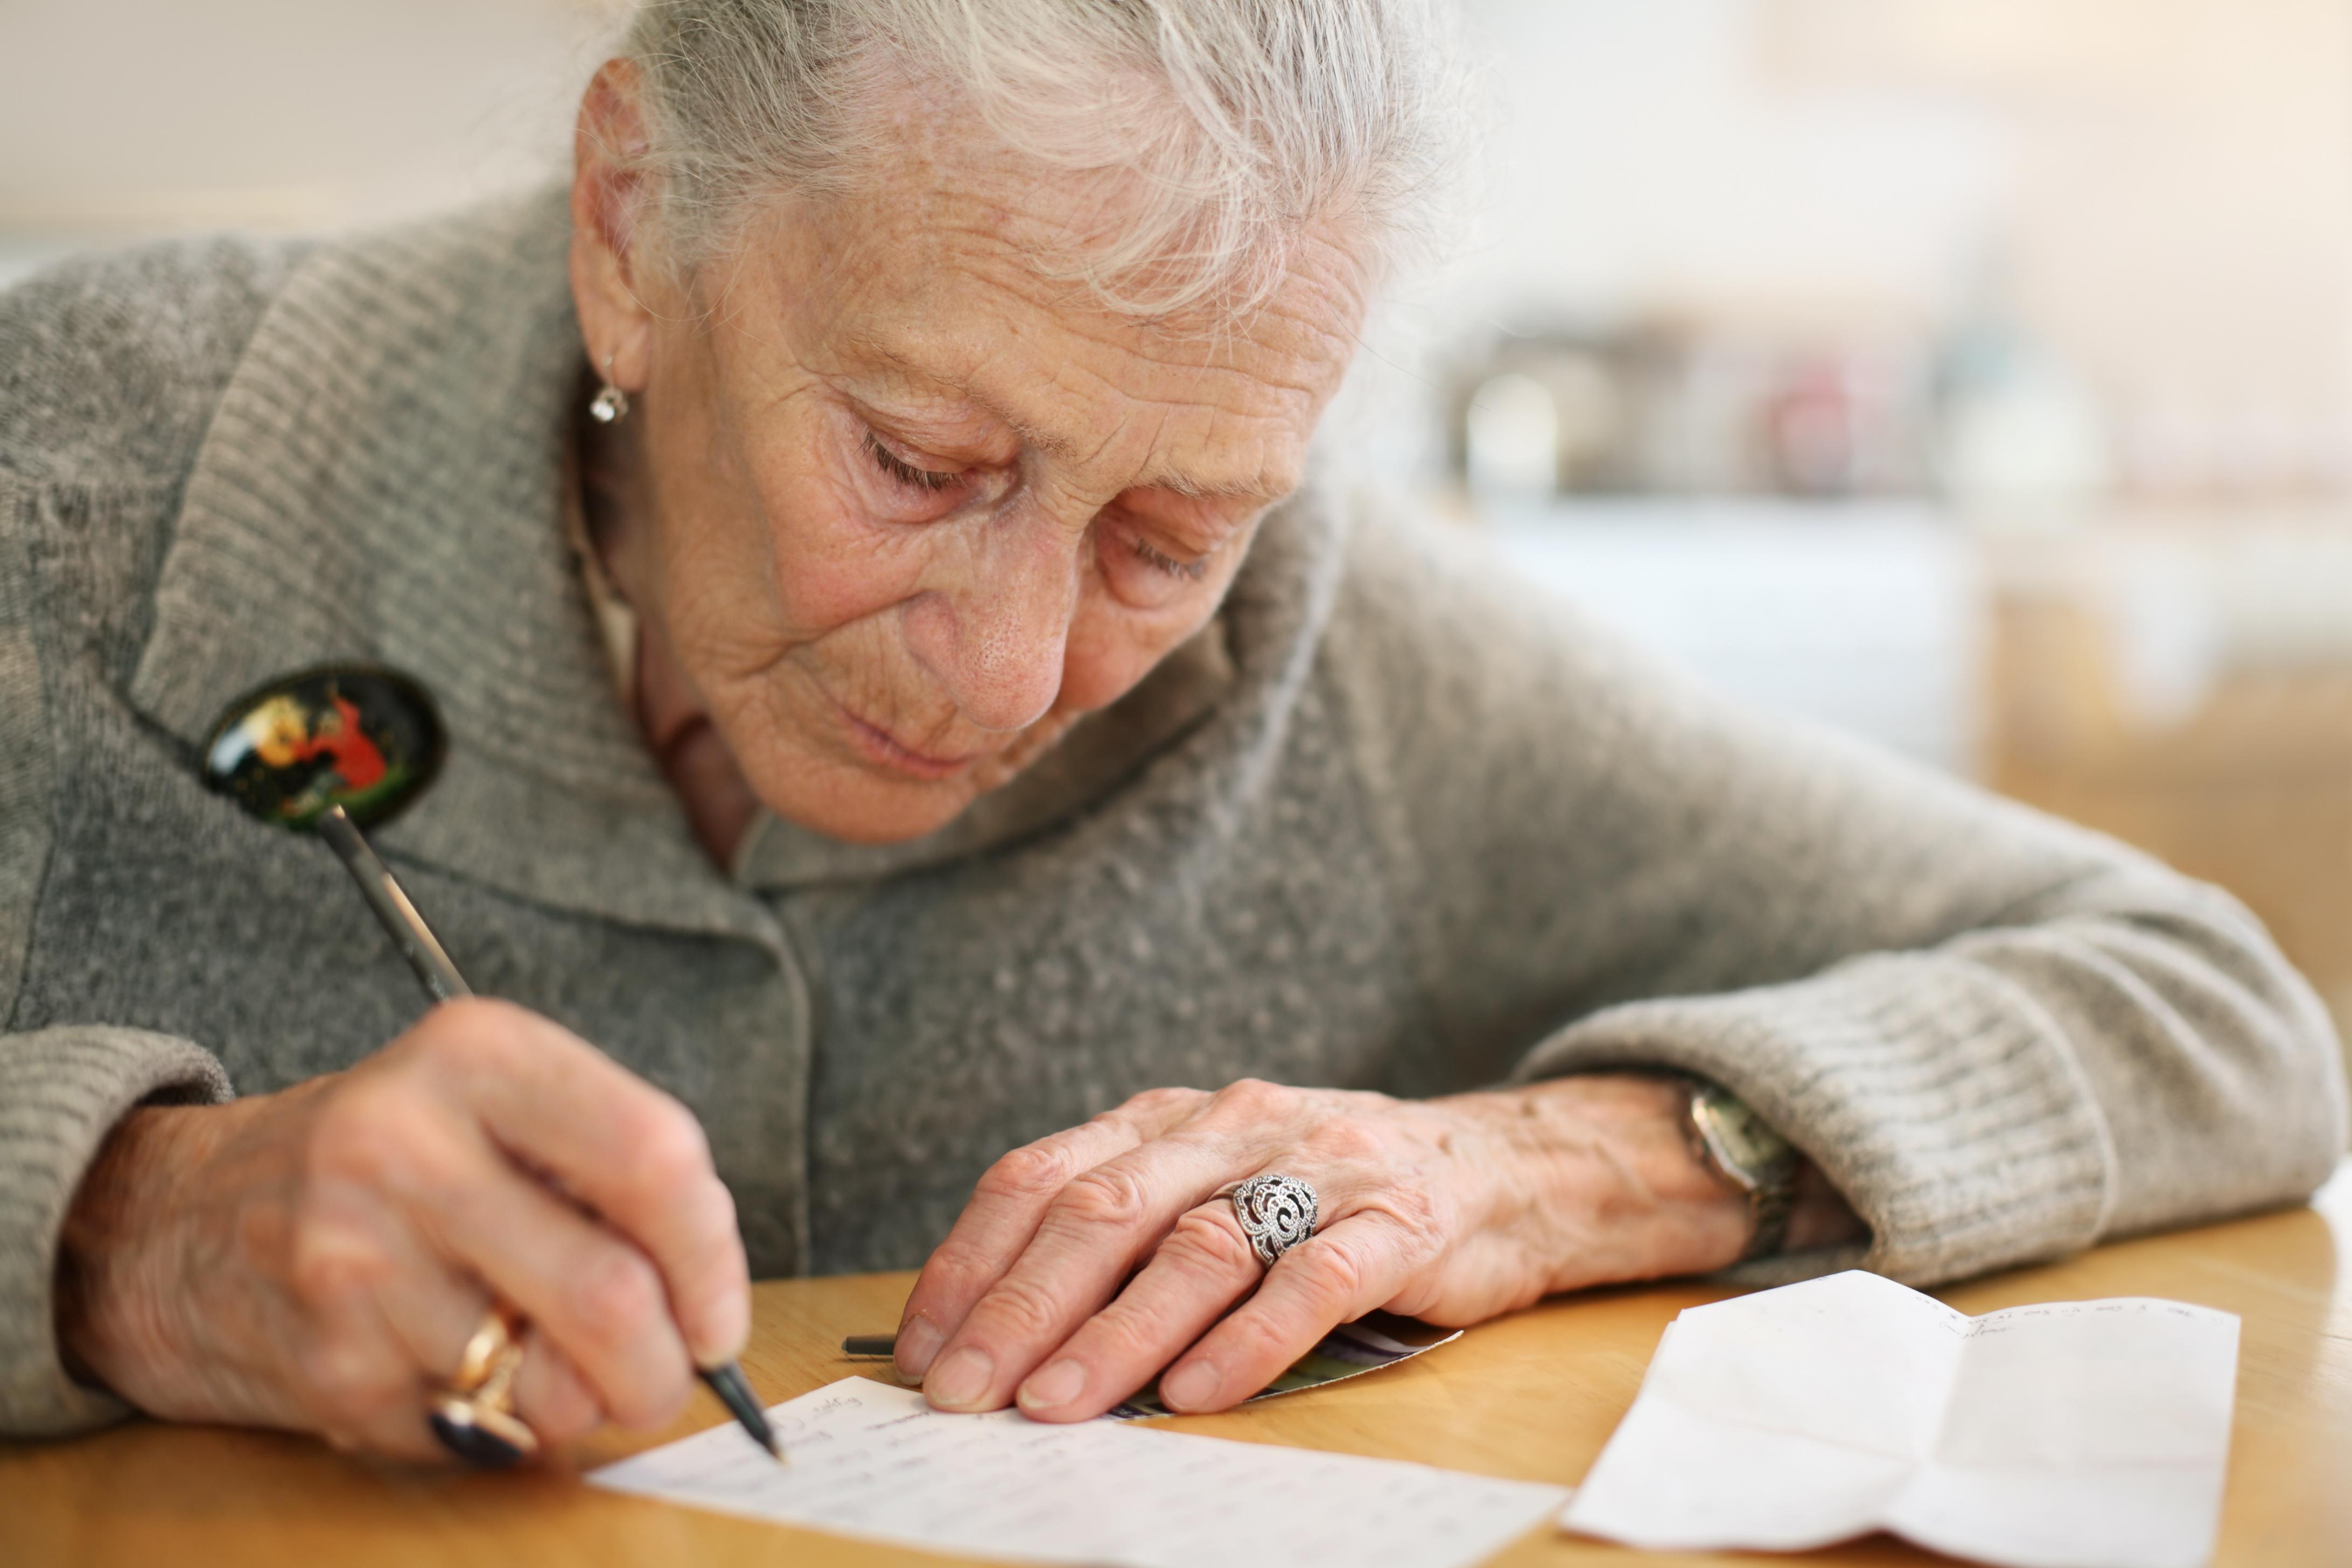 Как можно написать завещание без присутствия нотариуса